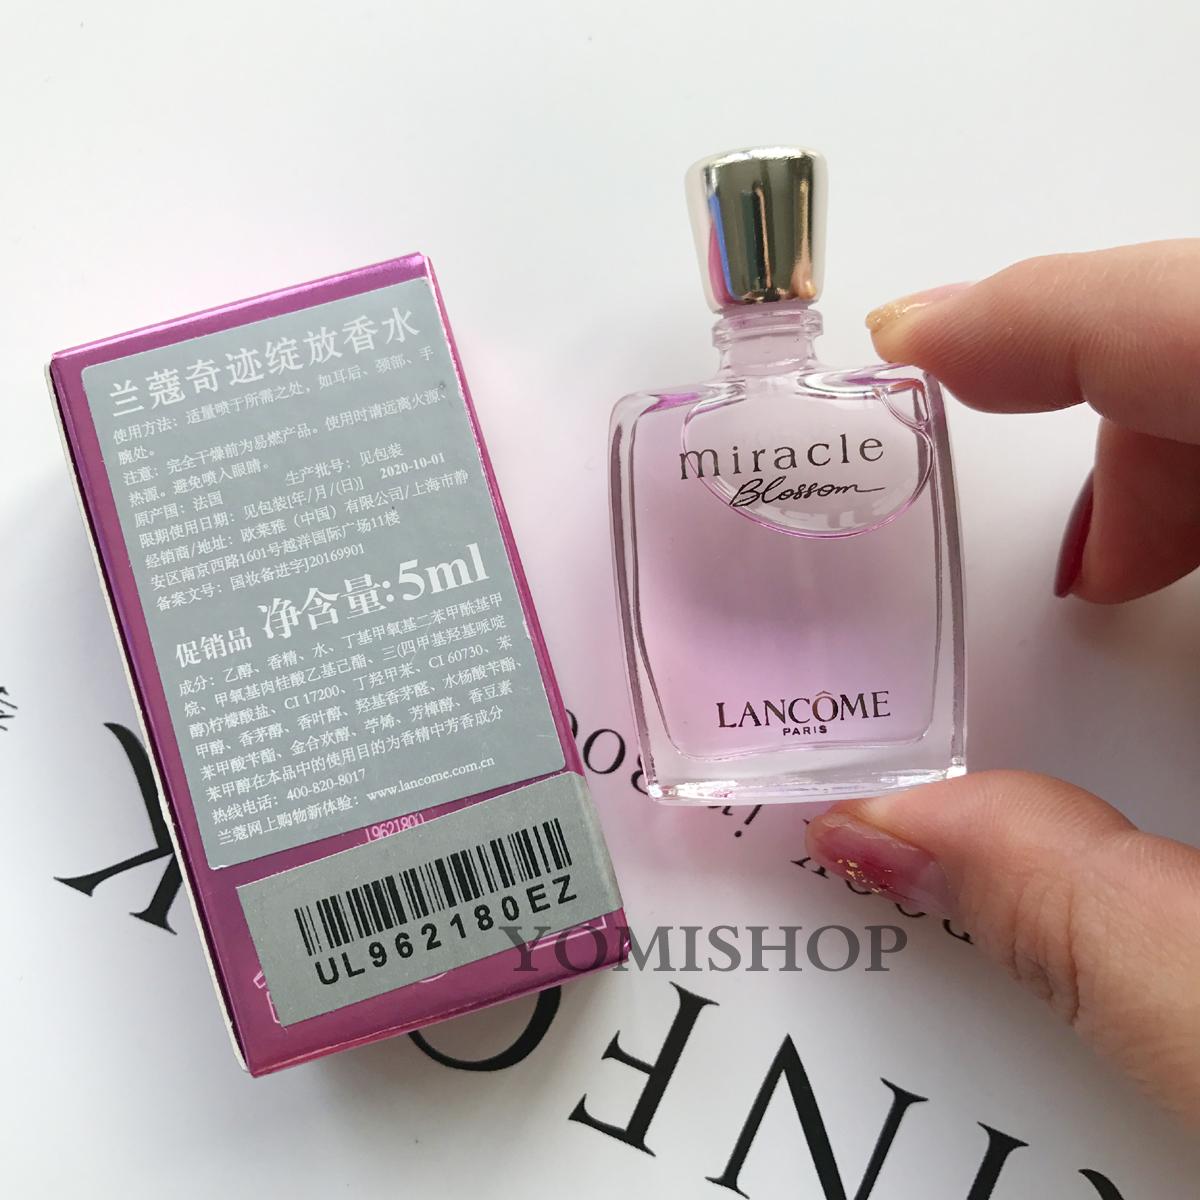 专柜中小样 兰蔻奇迹香氛/奇迹绽放香水 5ml Q版香水 持久